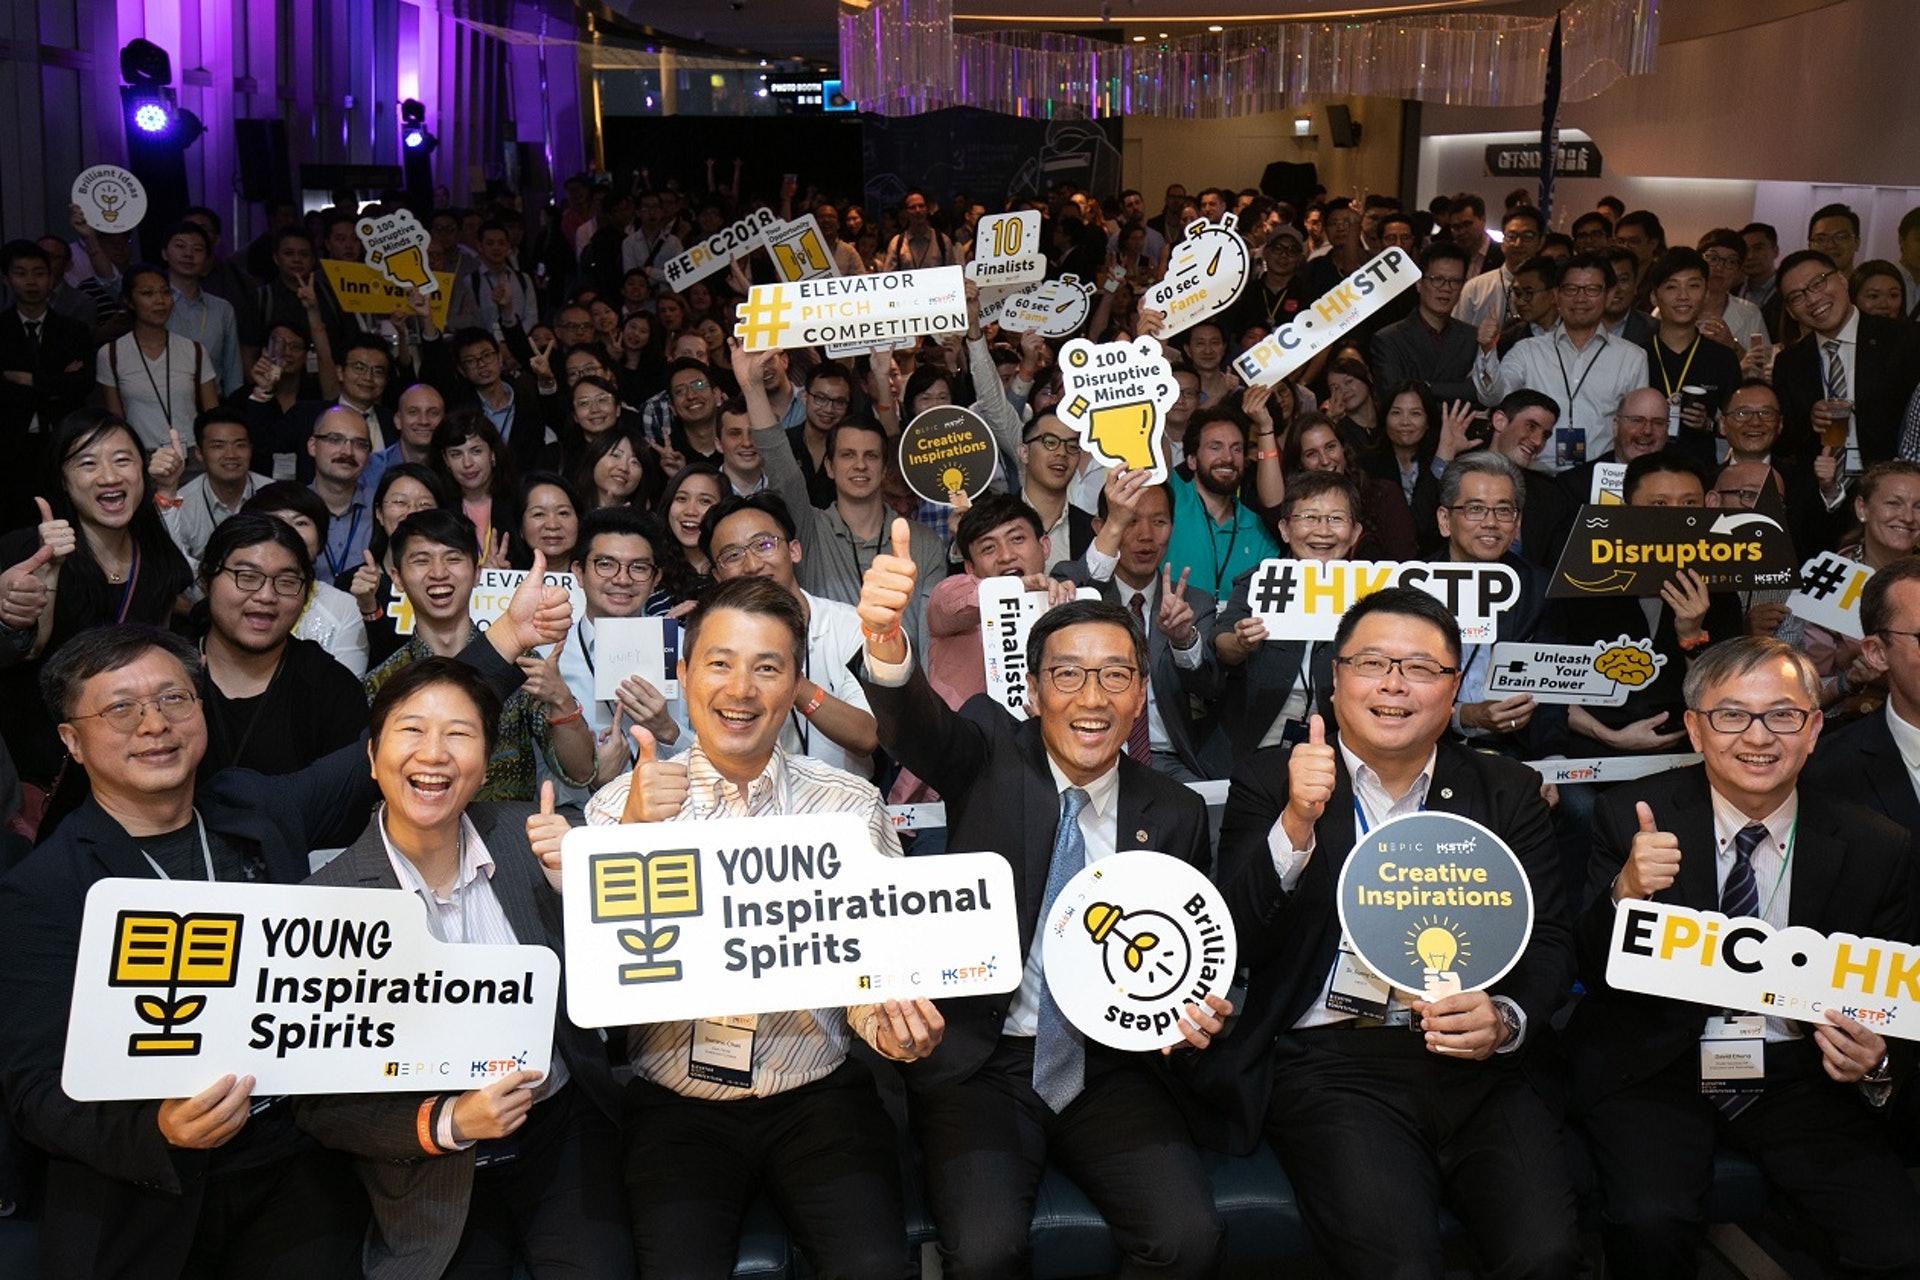 本屆EPiC可謂是正式成為一個國際創業活動,因今年有接近70間海外與30間本地初創一同角逐冠軍寶座,而且參賽反應踴躍,足現國際間愈來愈多人留意到香港在創科發展上的表現。